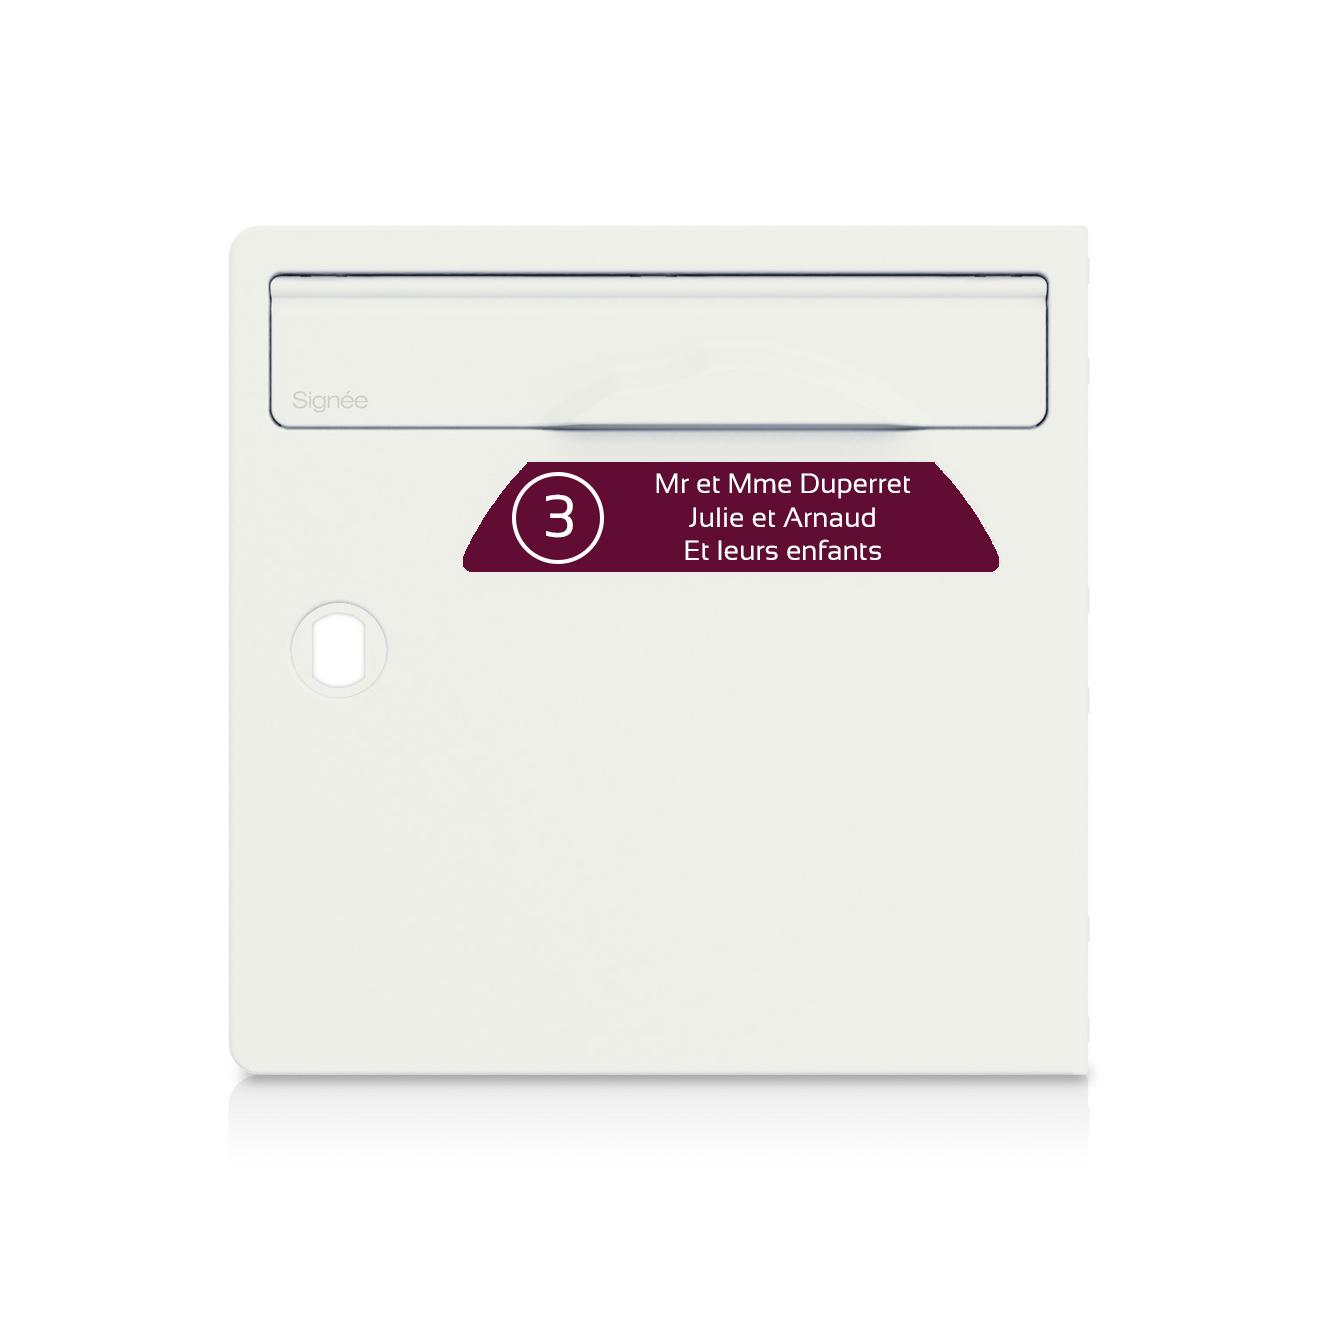 Plaque boite aux lettres Signée NUMERO bordeaux lettres blanches - 3 lignes